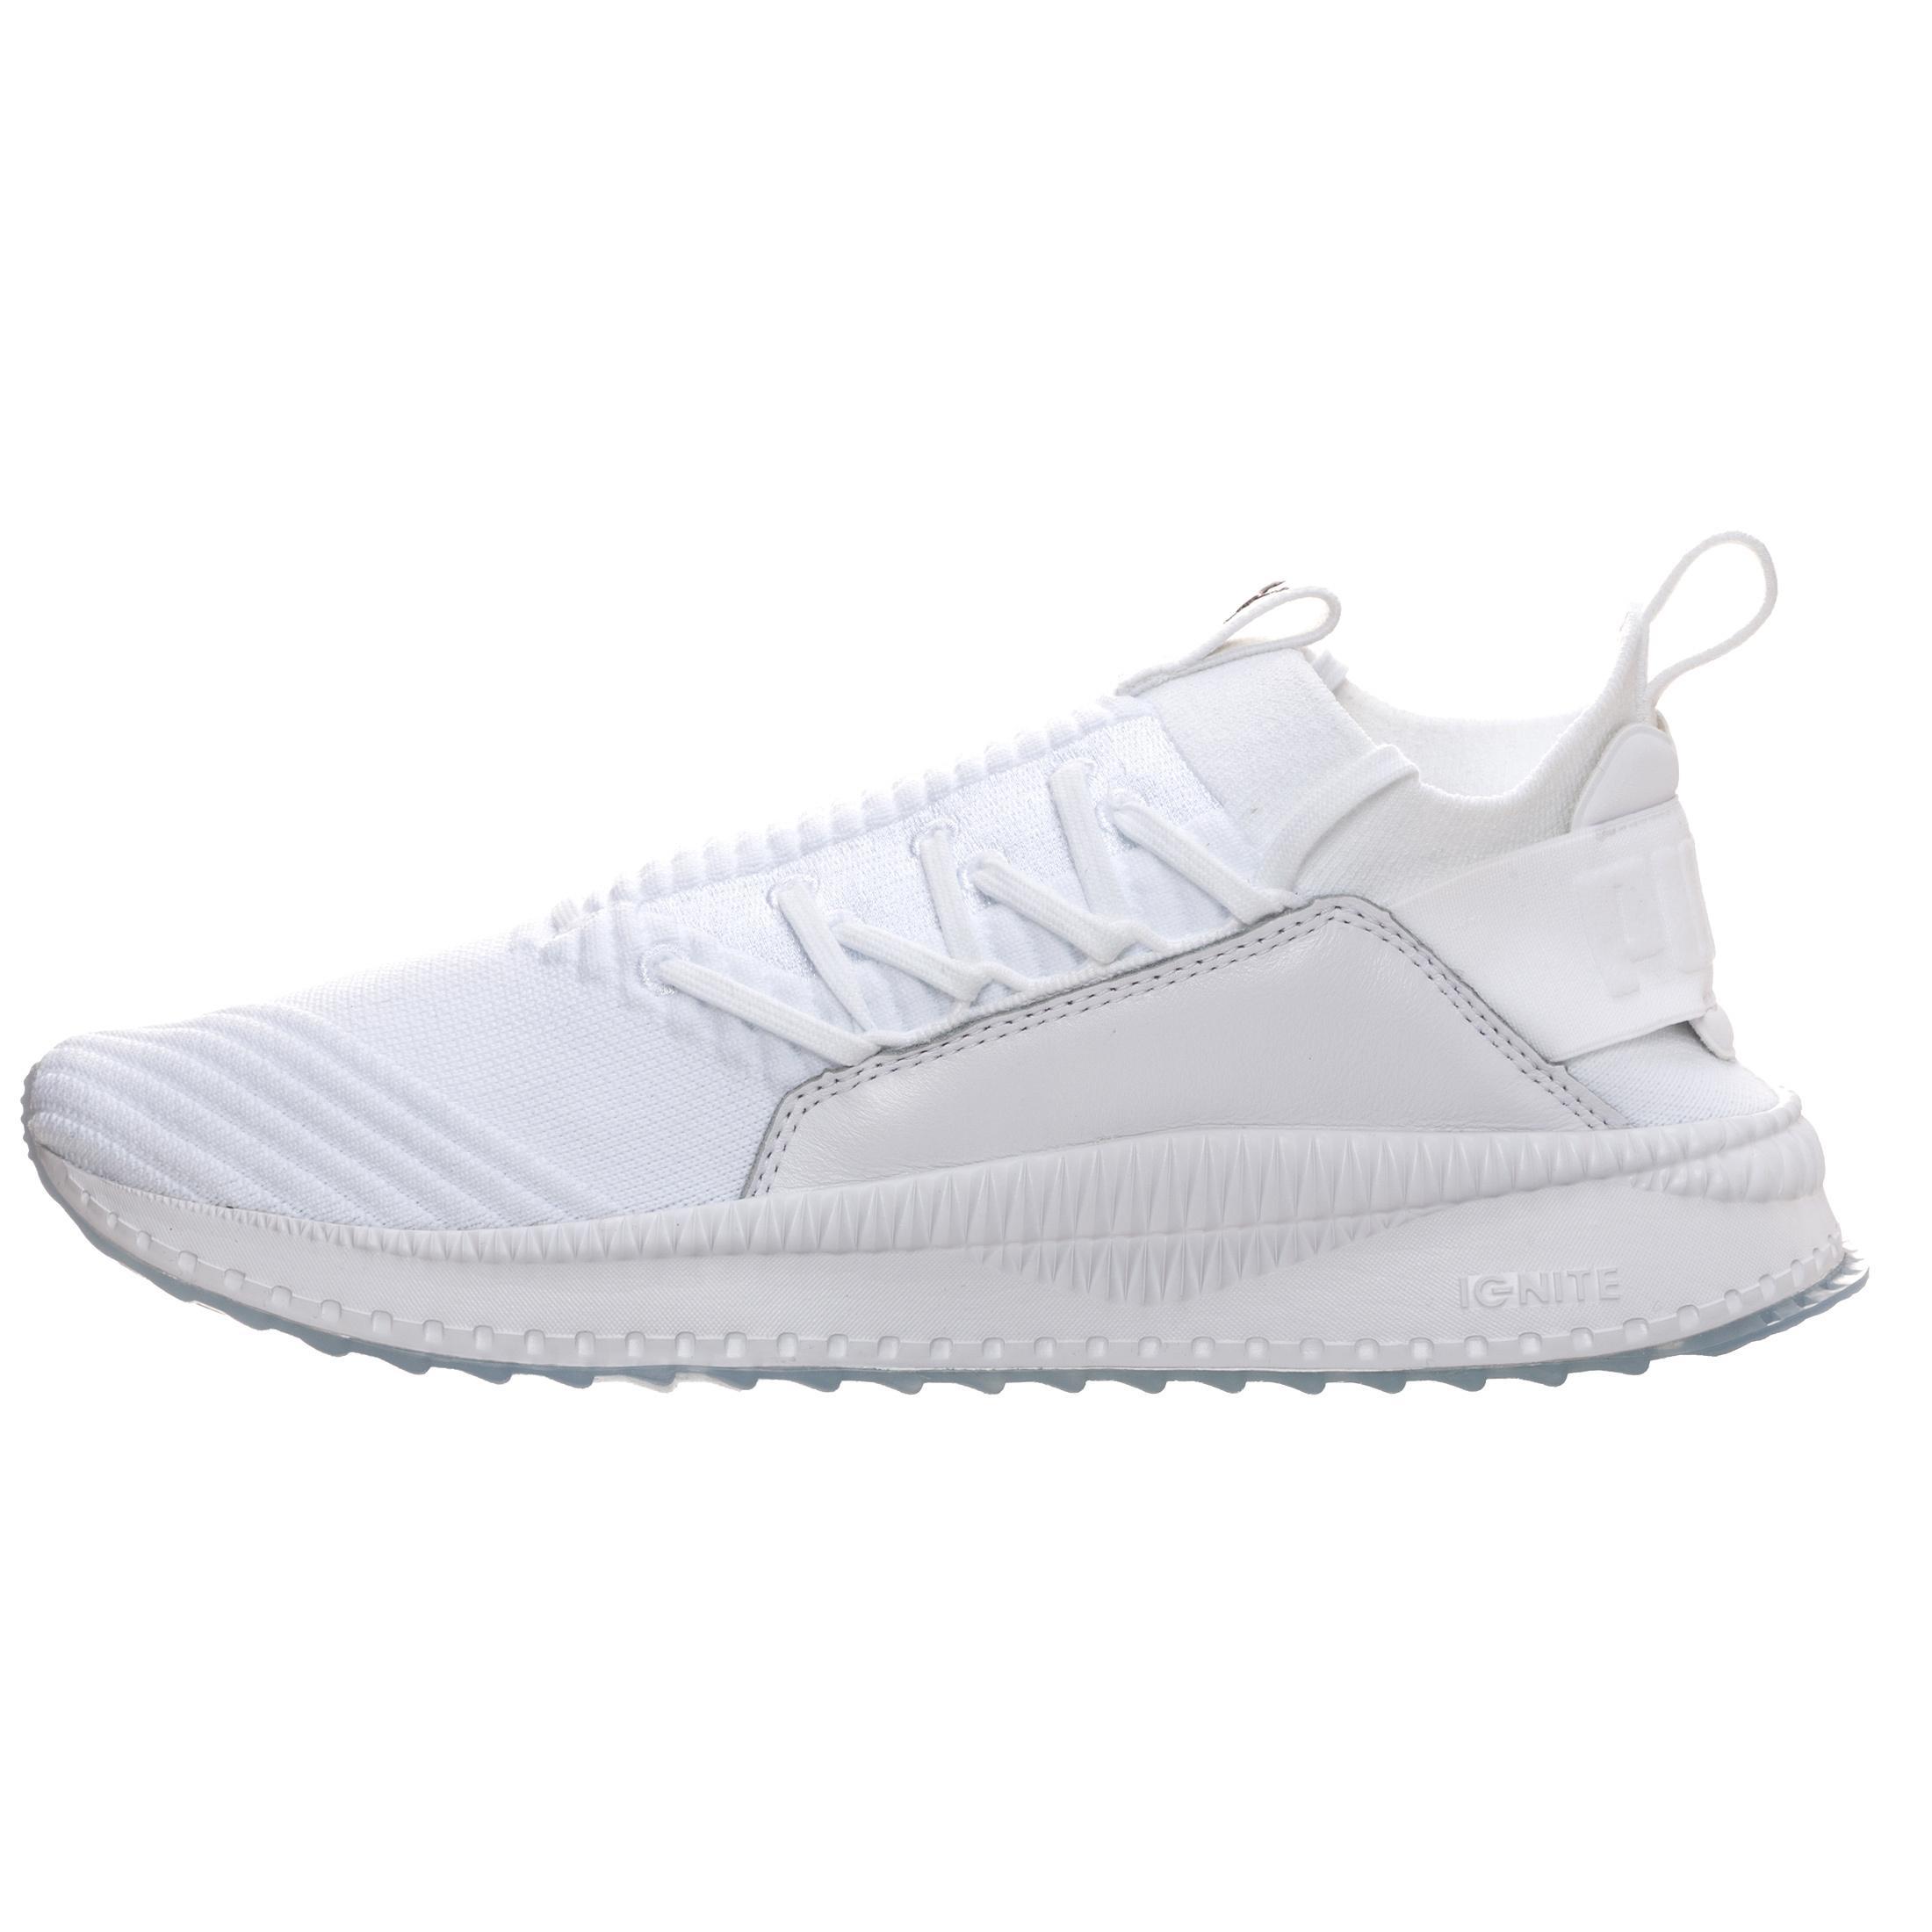 PUMA TSUGI Jun Jun Jun Sneaker Herren weiß im Online Shop von SportScheck kaufen Gute Qualität beliebte Schuhe 204715